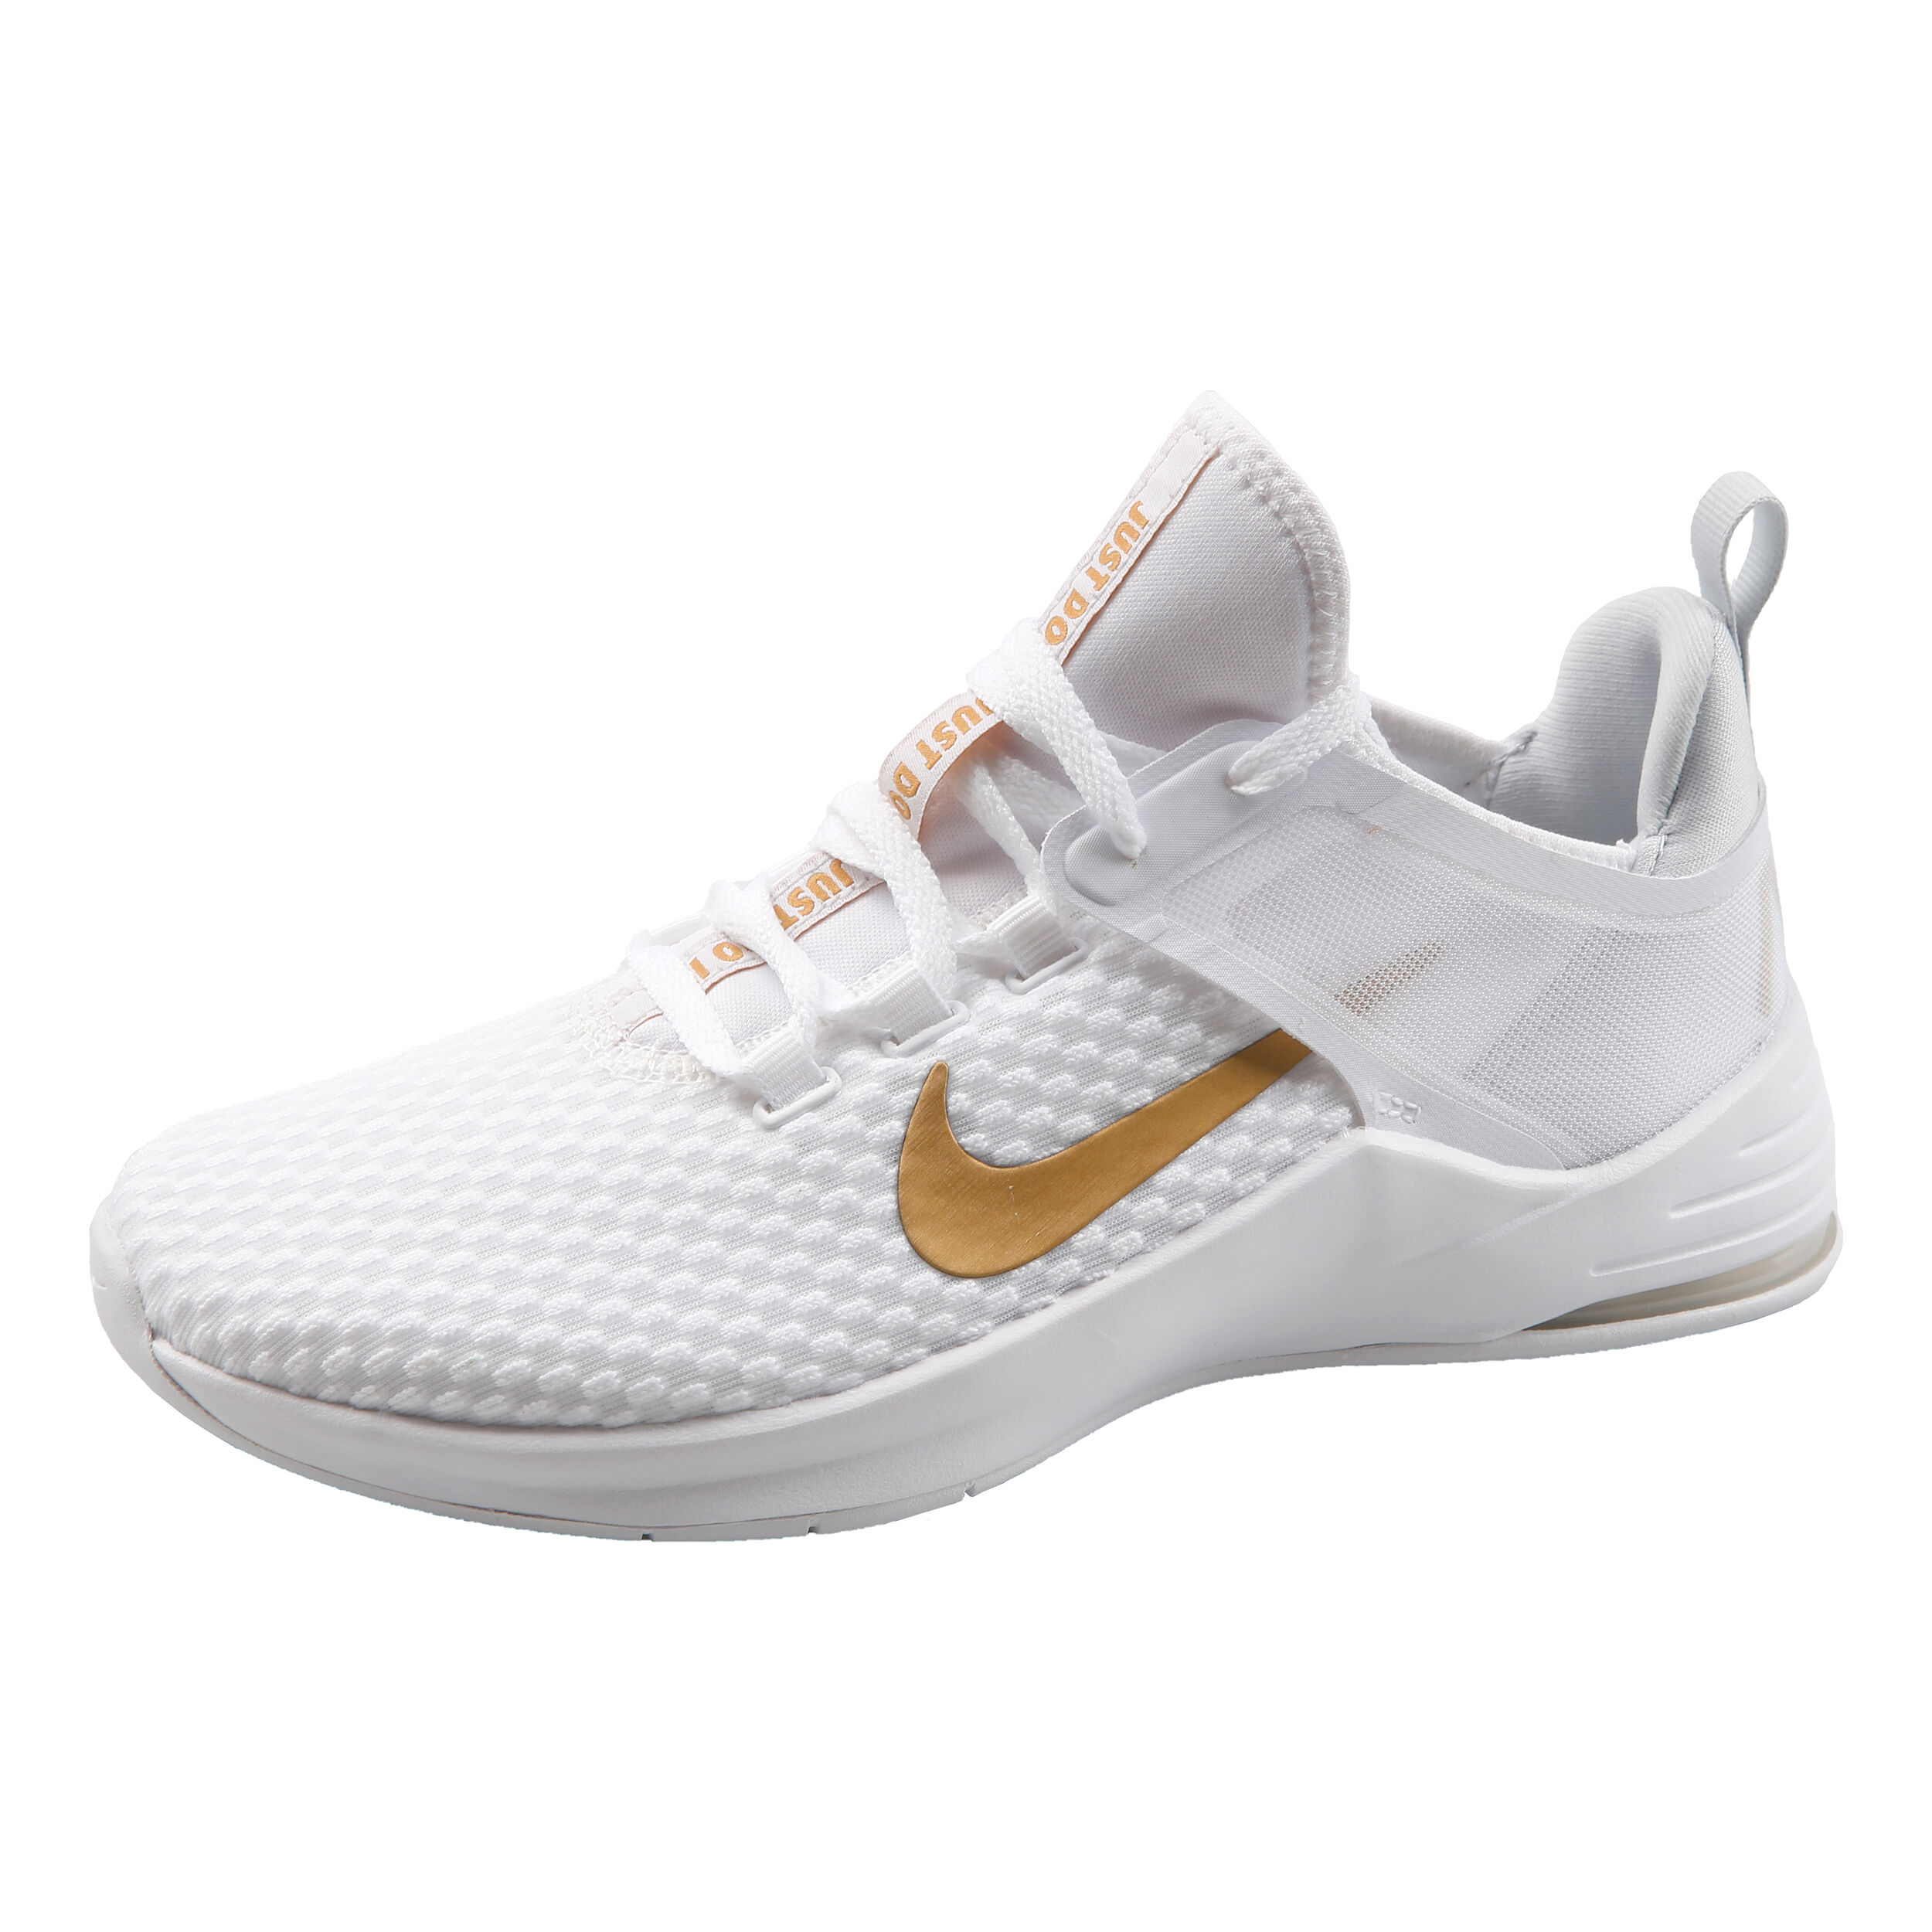 Nike Air Max Bella 2 Neutralschuh Damen Weiß, Gold online